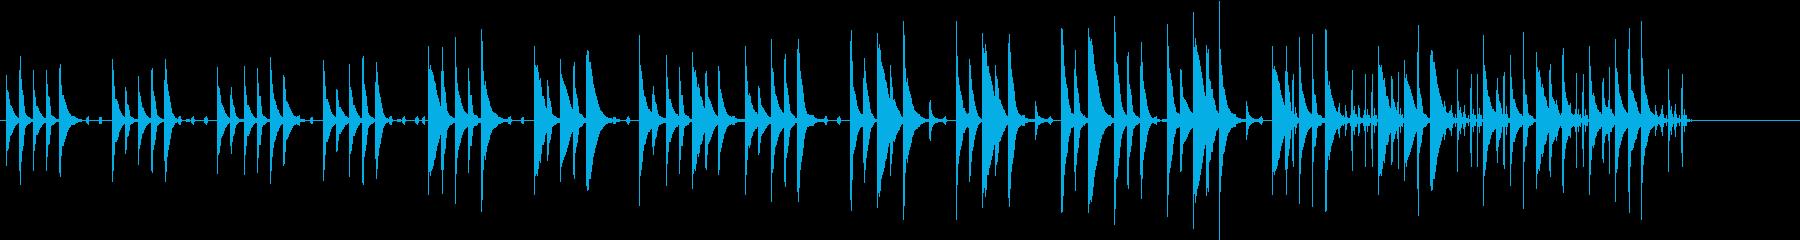 木琴がメインのほのぼのとした曲の再生済みの波形